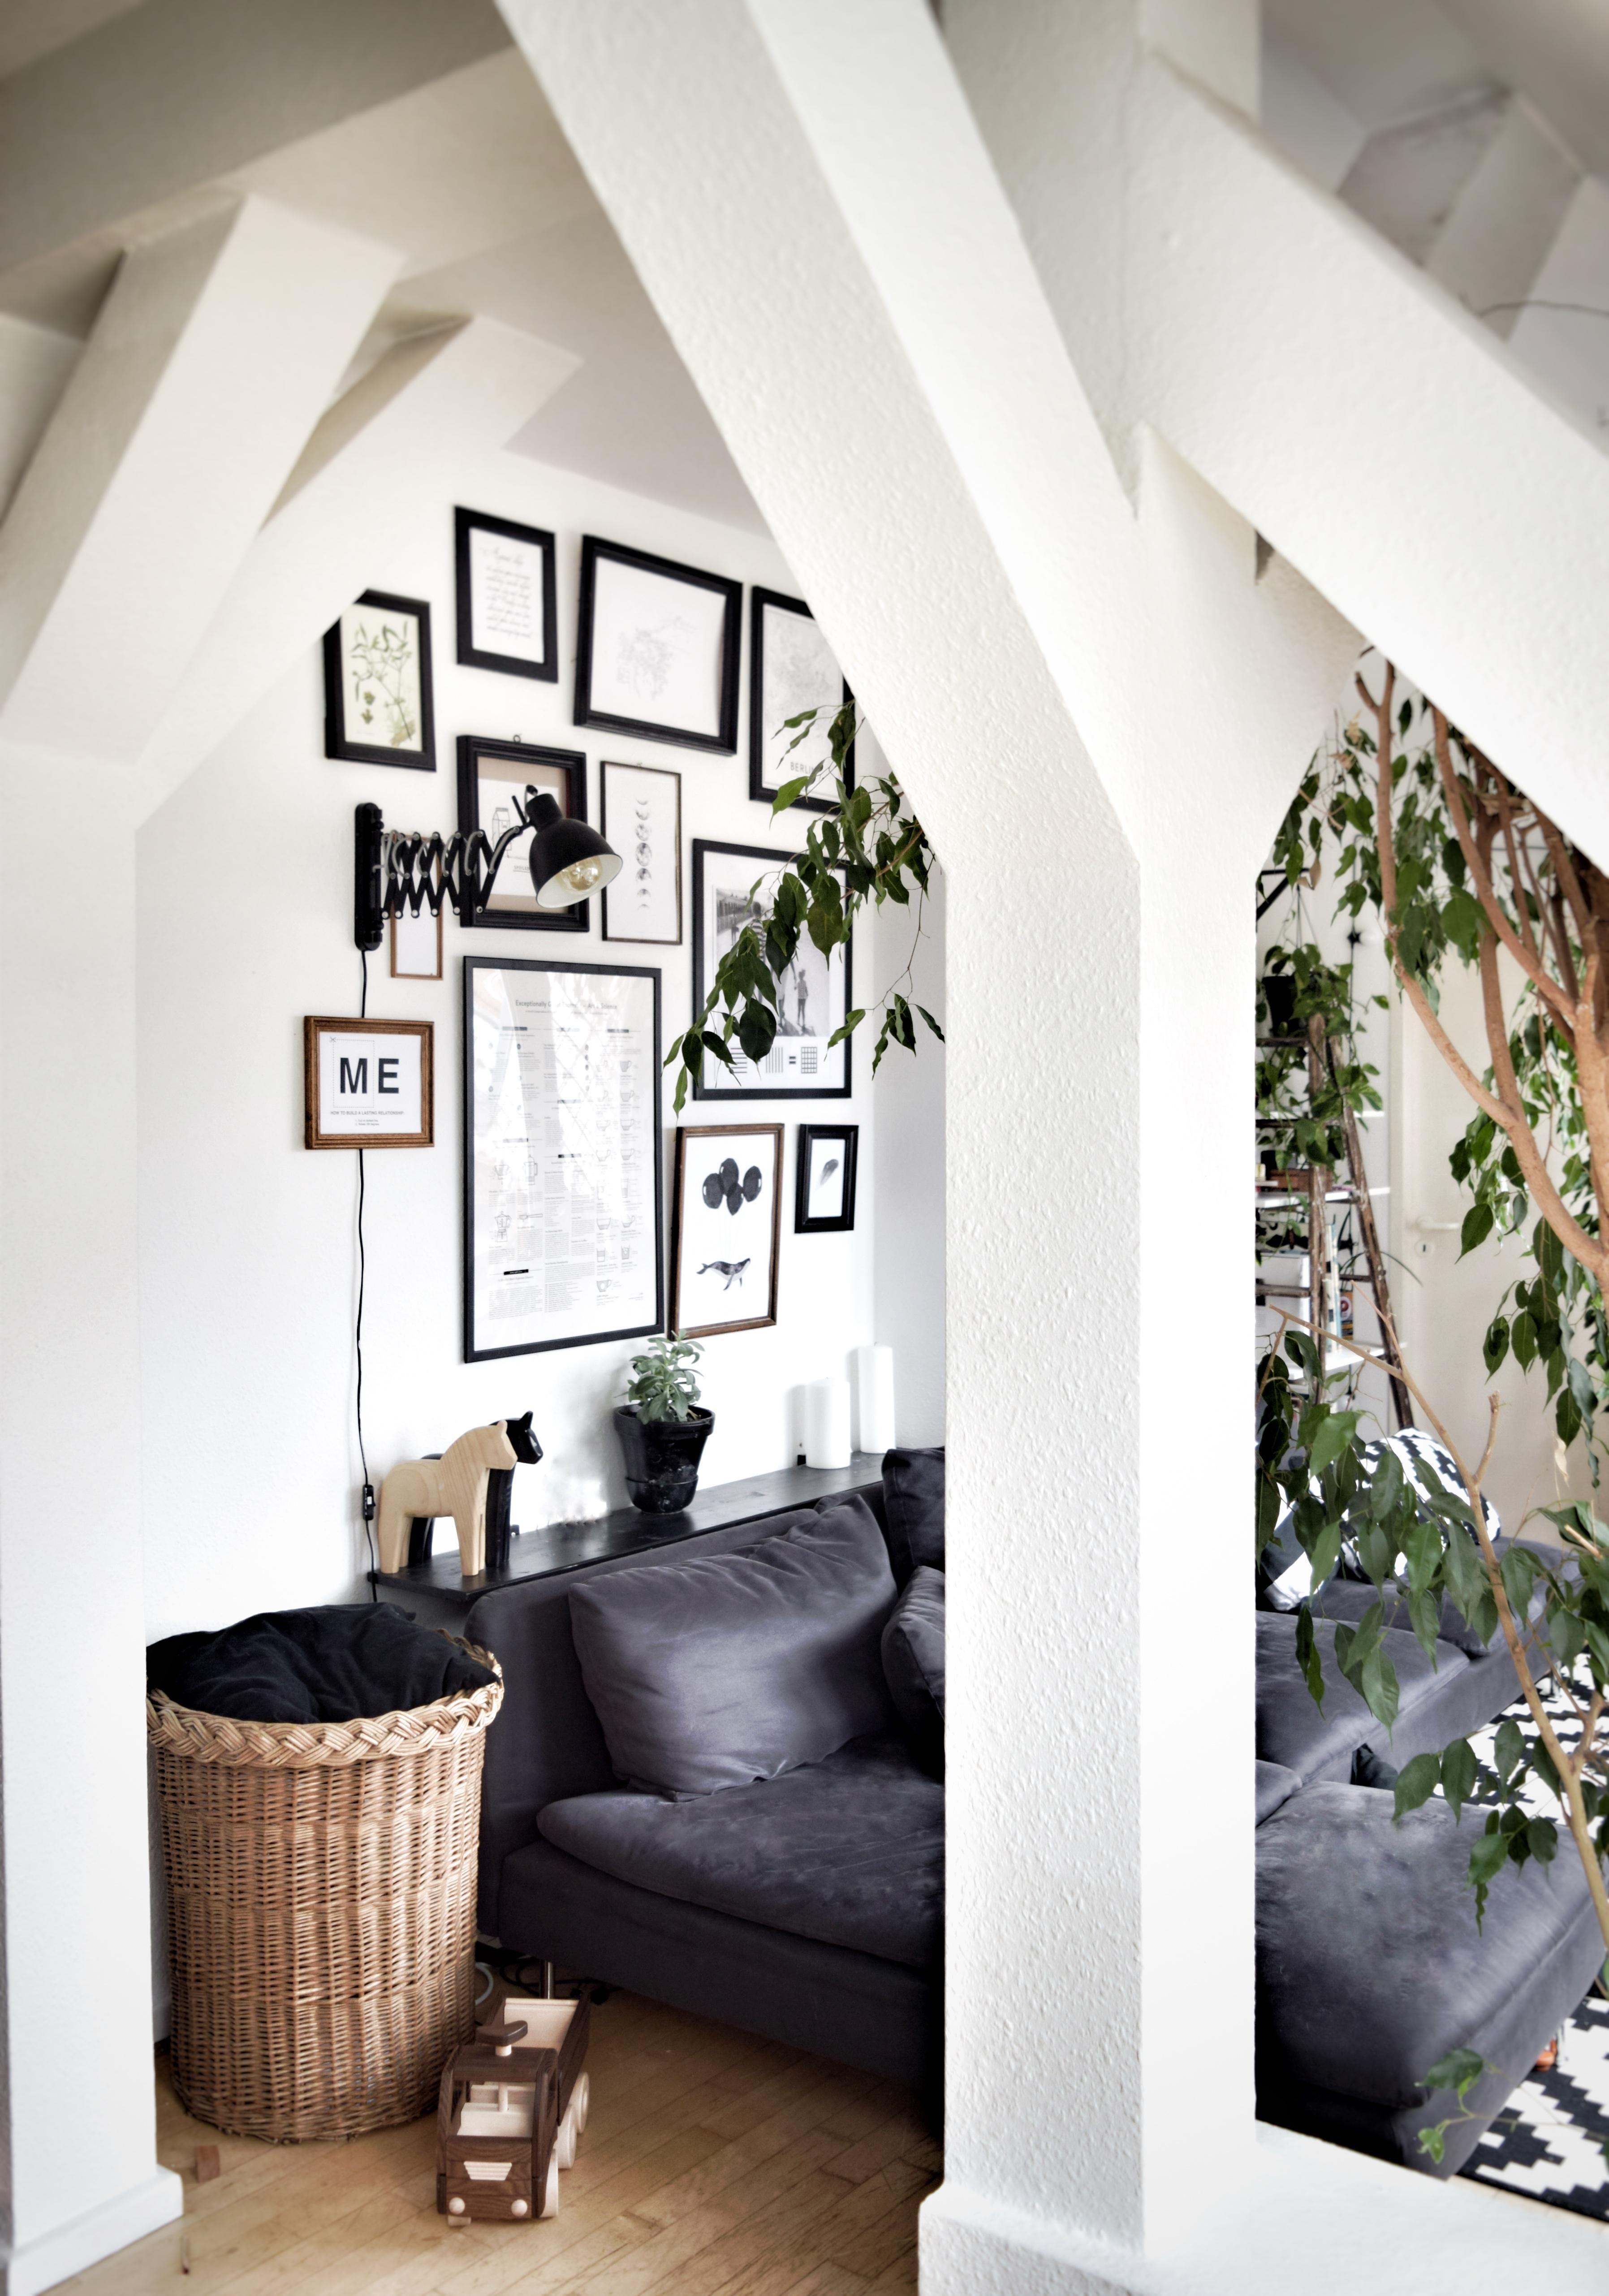 #entspannung #chilling #sofa #wohnzimmer #sofaecke #bilderwand #wanddeko